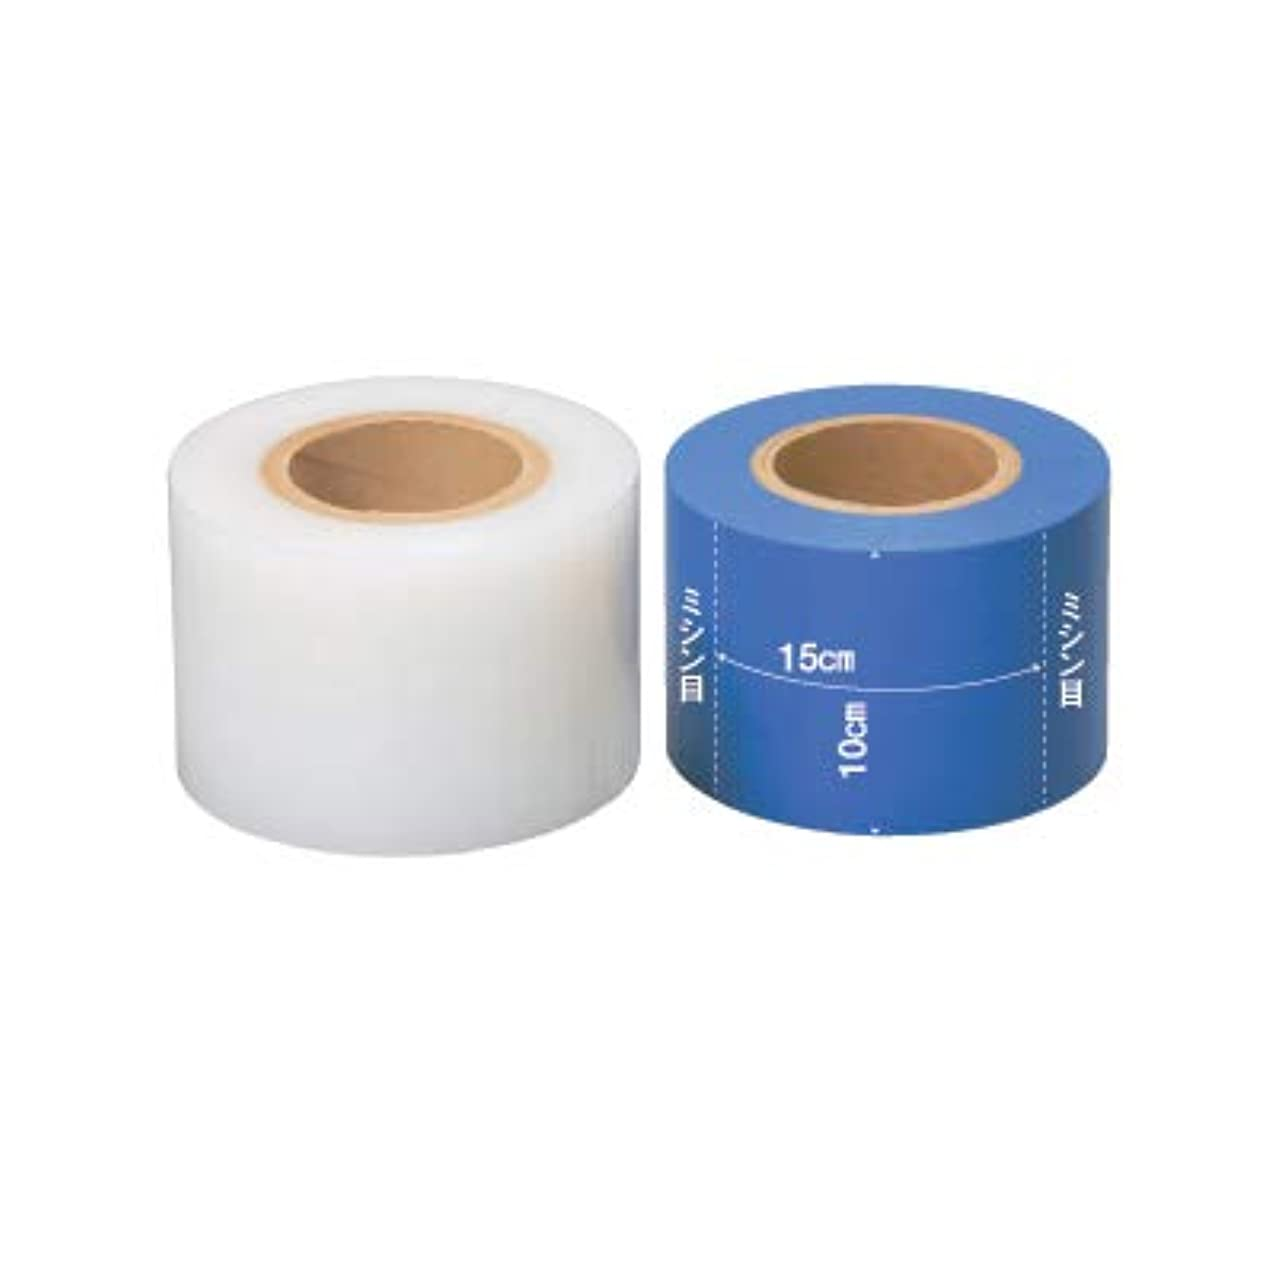 アイスクリーム意図する意図する(ロータス)LOTUS バリアフィルムテープ 10cm×180m (保護用テープ ミシン目あり) (透明)